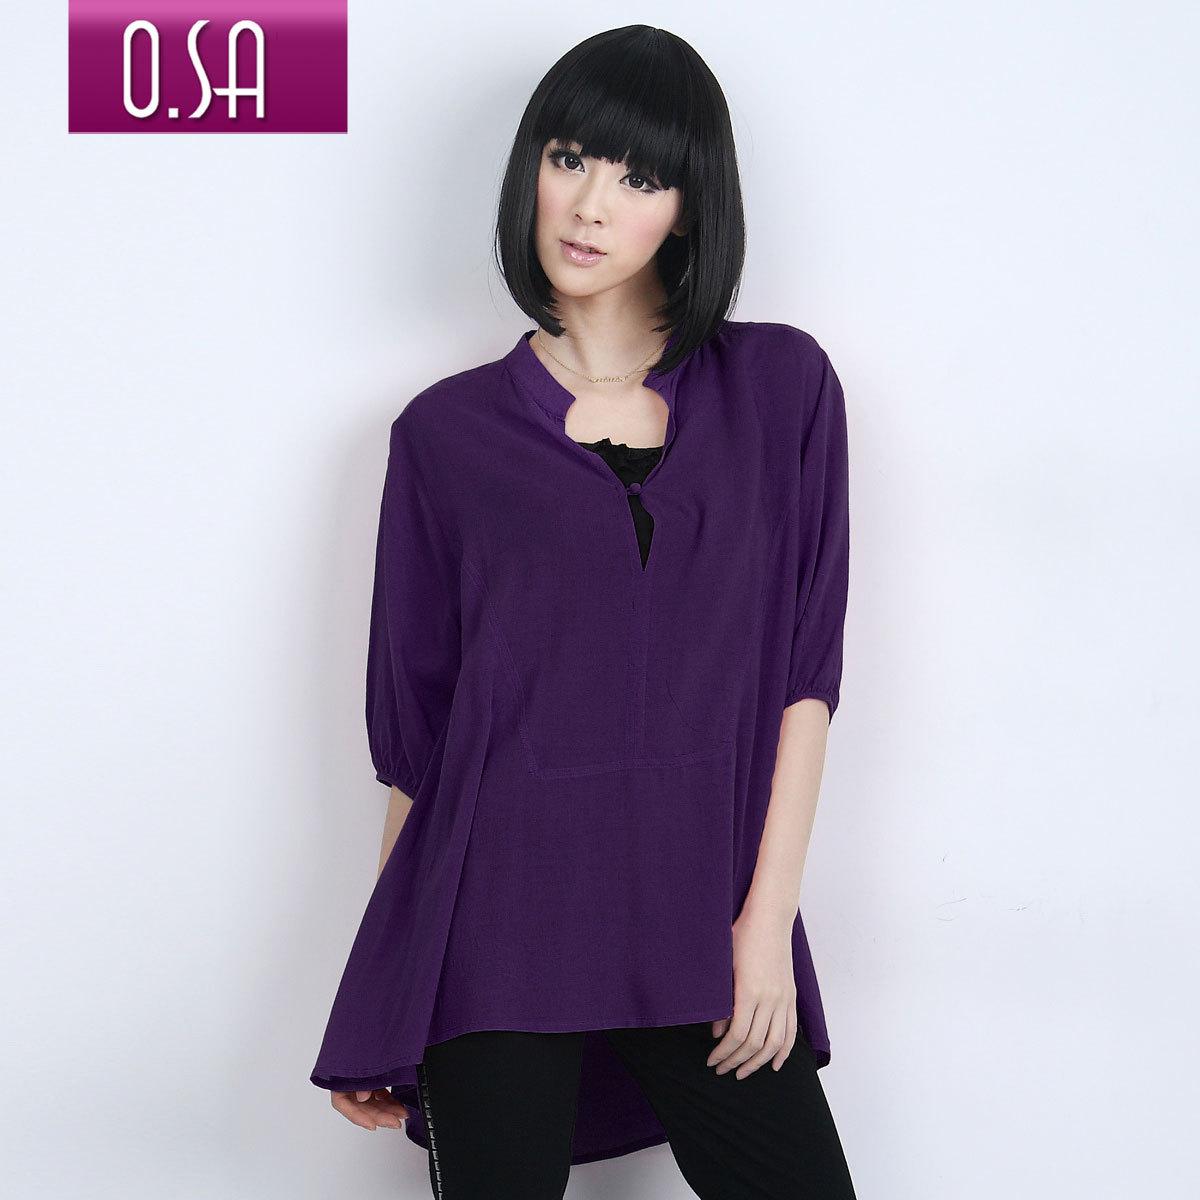 женская рубашка OSA sc00203 2011 C00203 Повседневный Однотонный цвет Бантик бабочкой Воротник-стойка